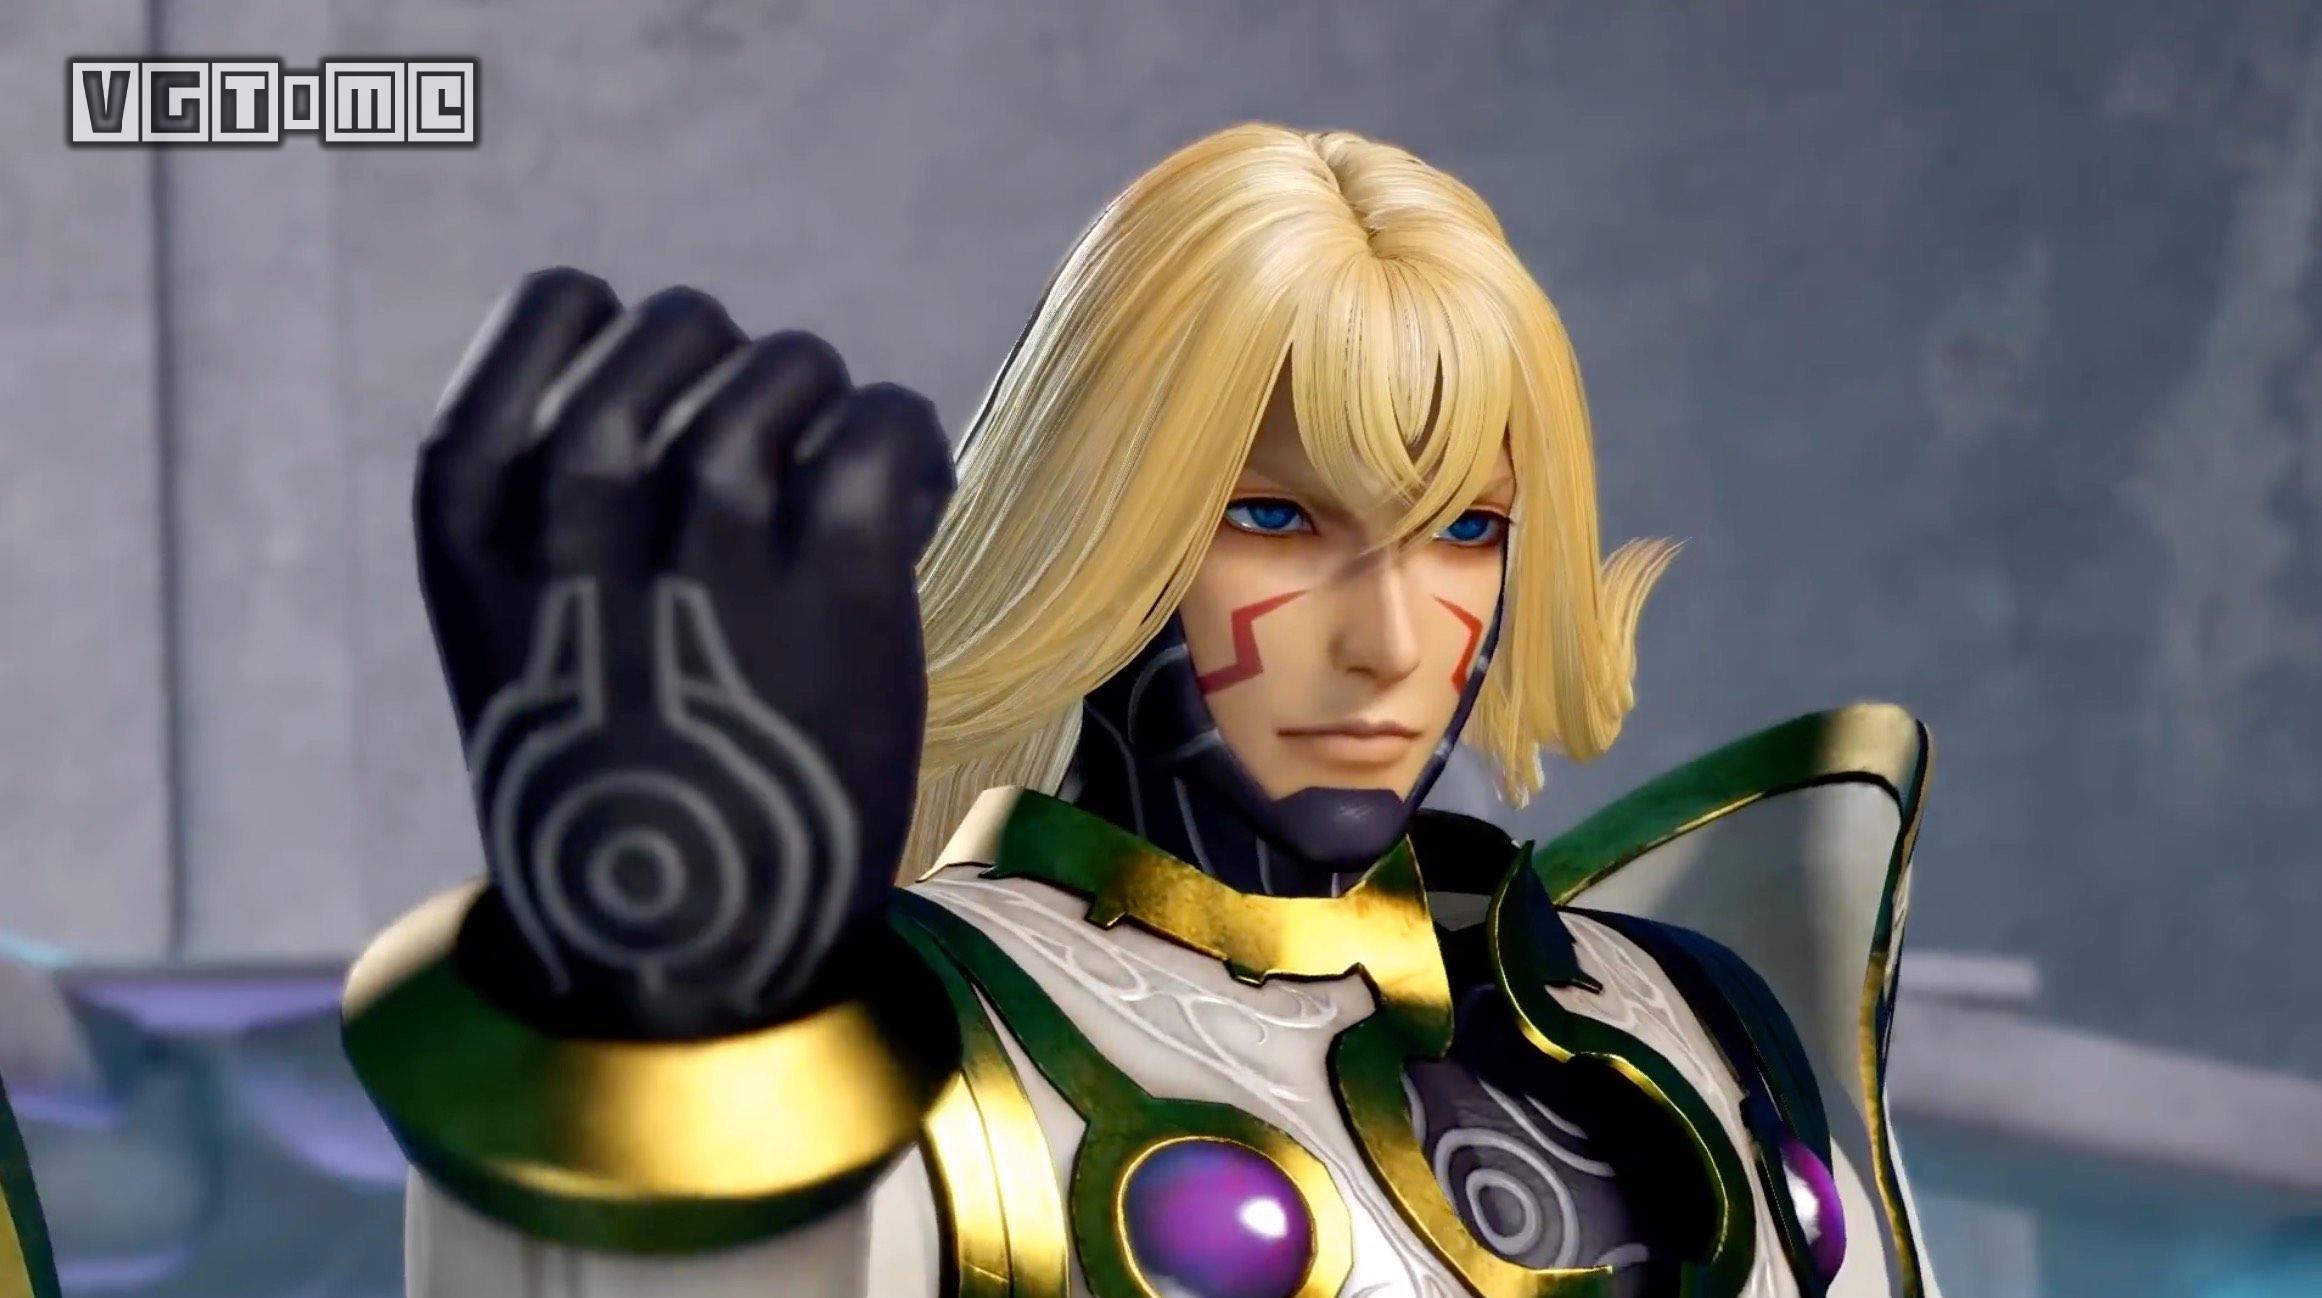 《最终幻想 纷争NT》新角色「暗之王」10月下旬参战-《最终幻想:纷争NT》